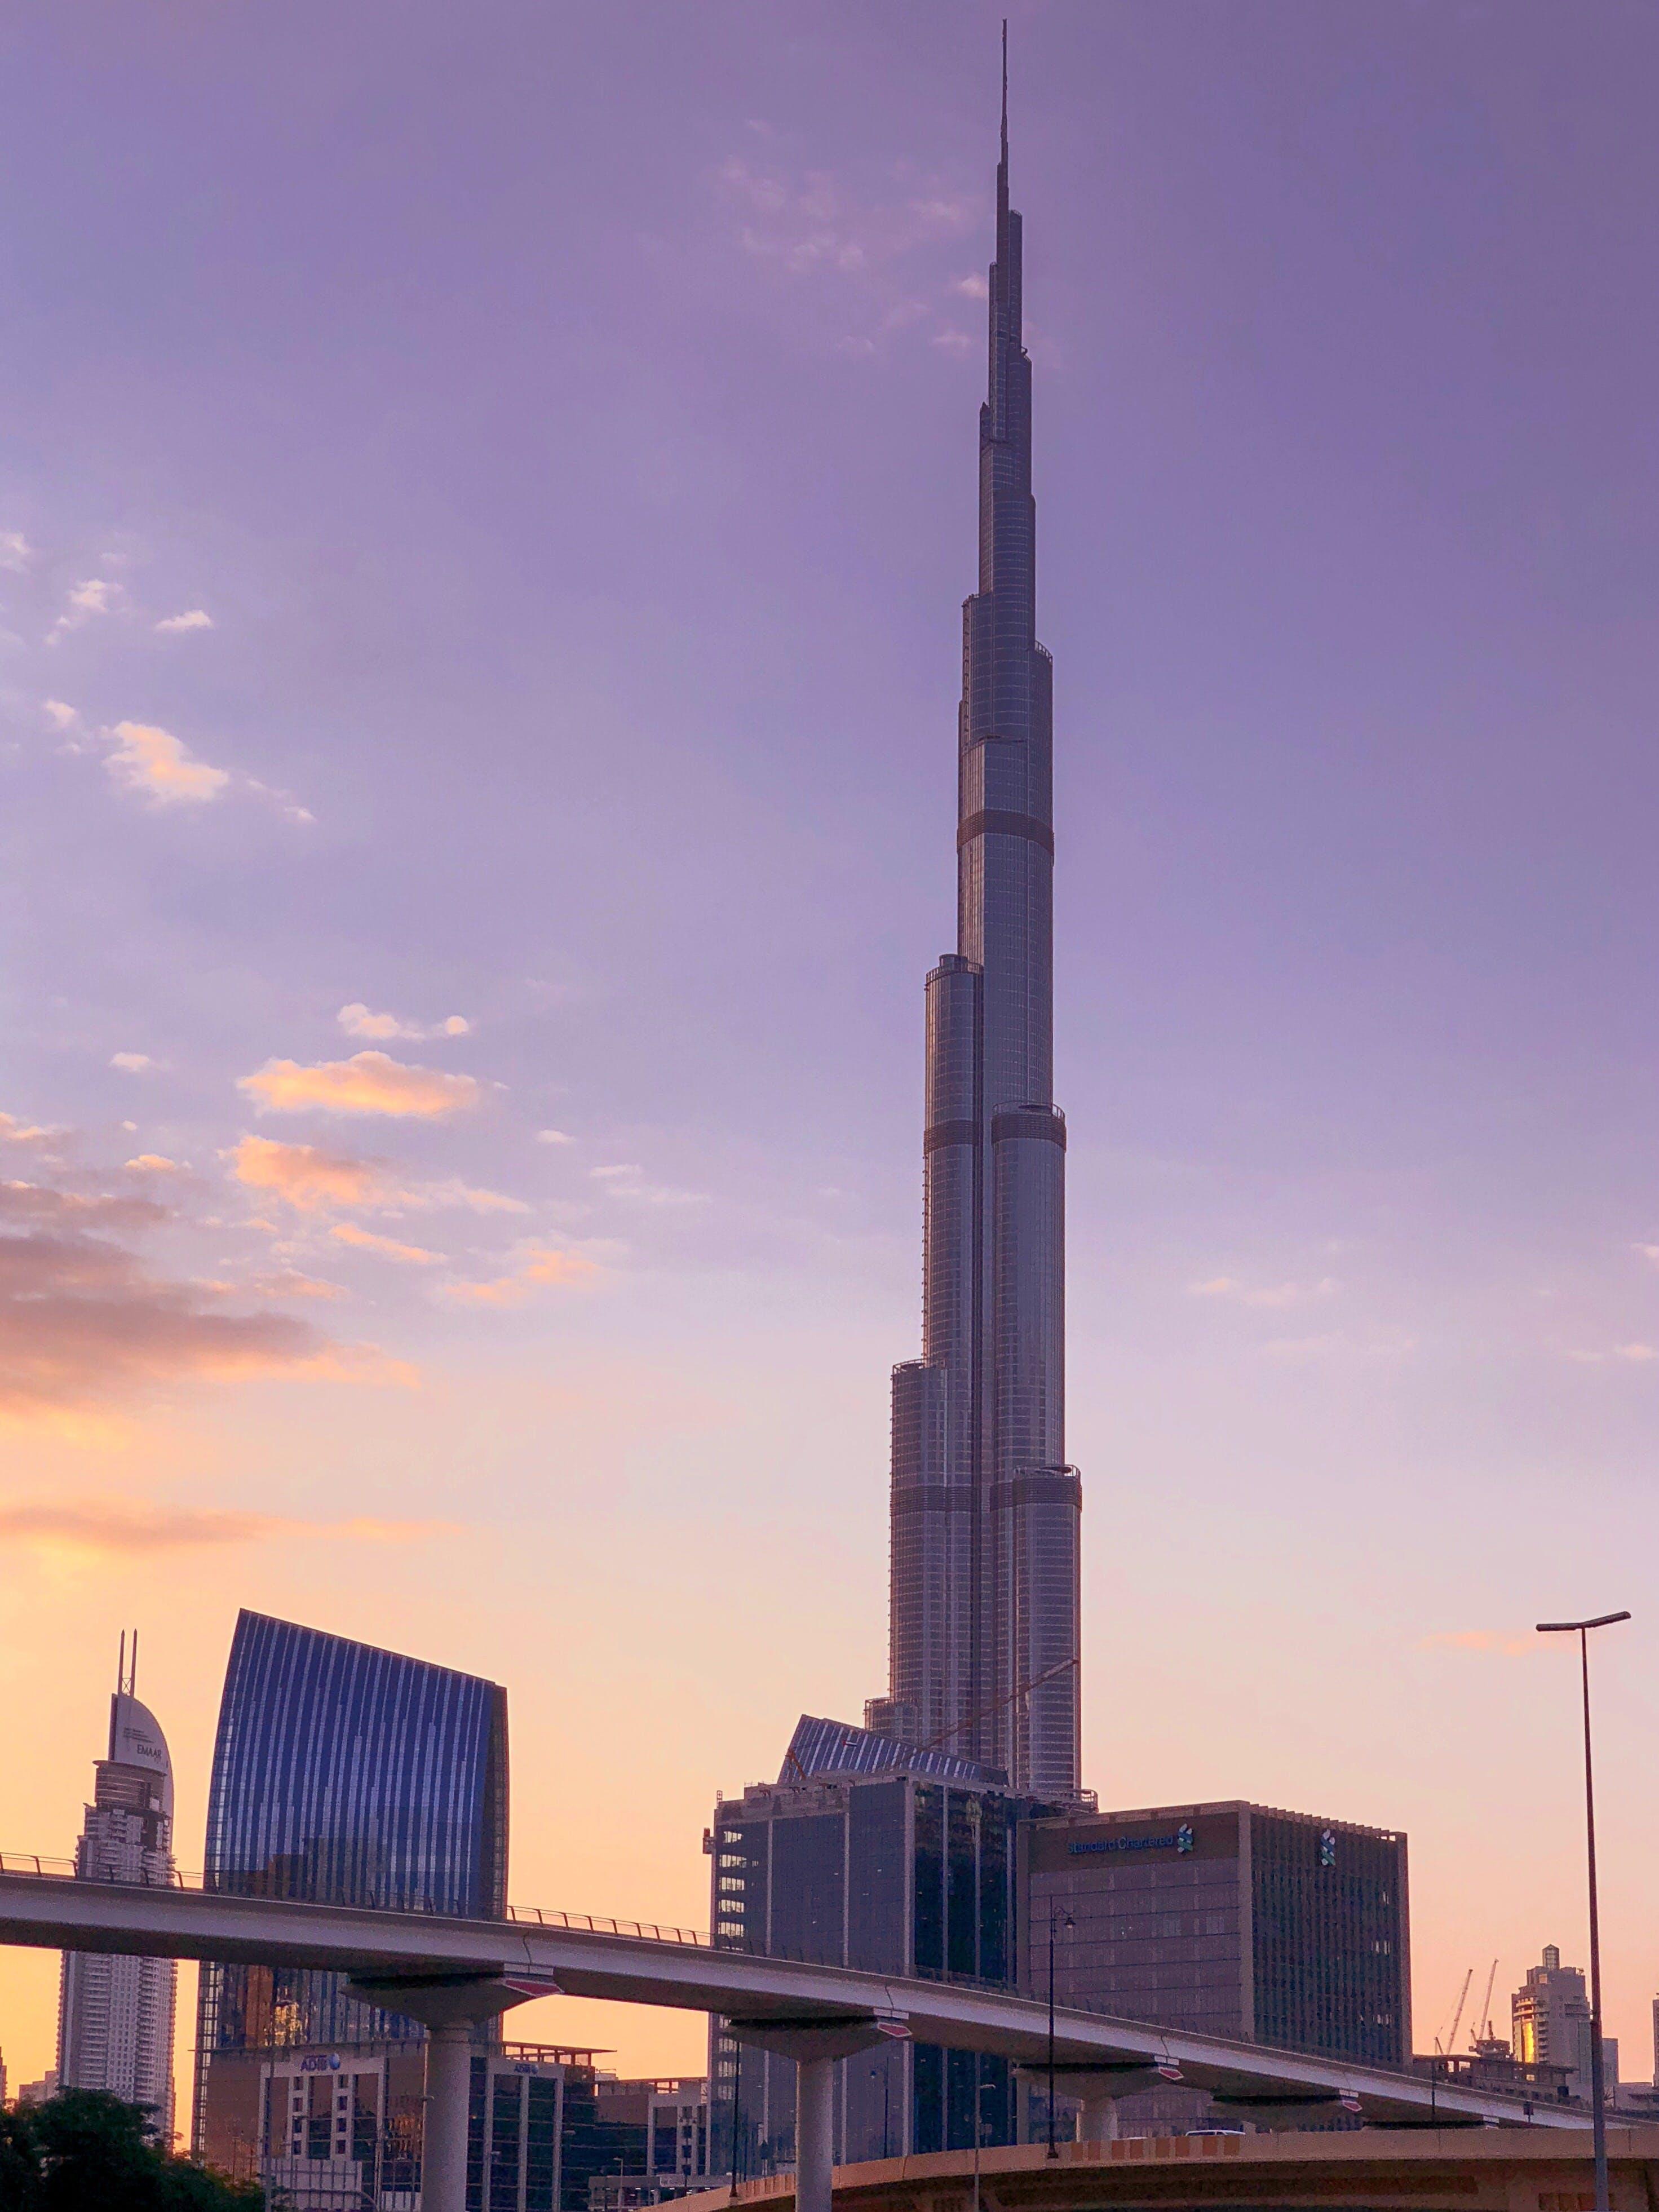 Immagine gratuita di architettura, attrazione turistica, burj khalifa, centro città